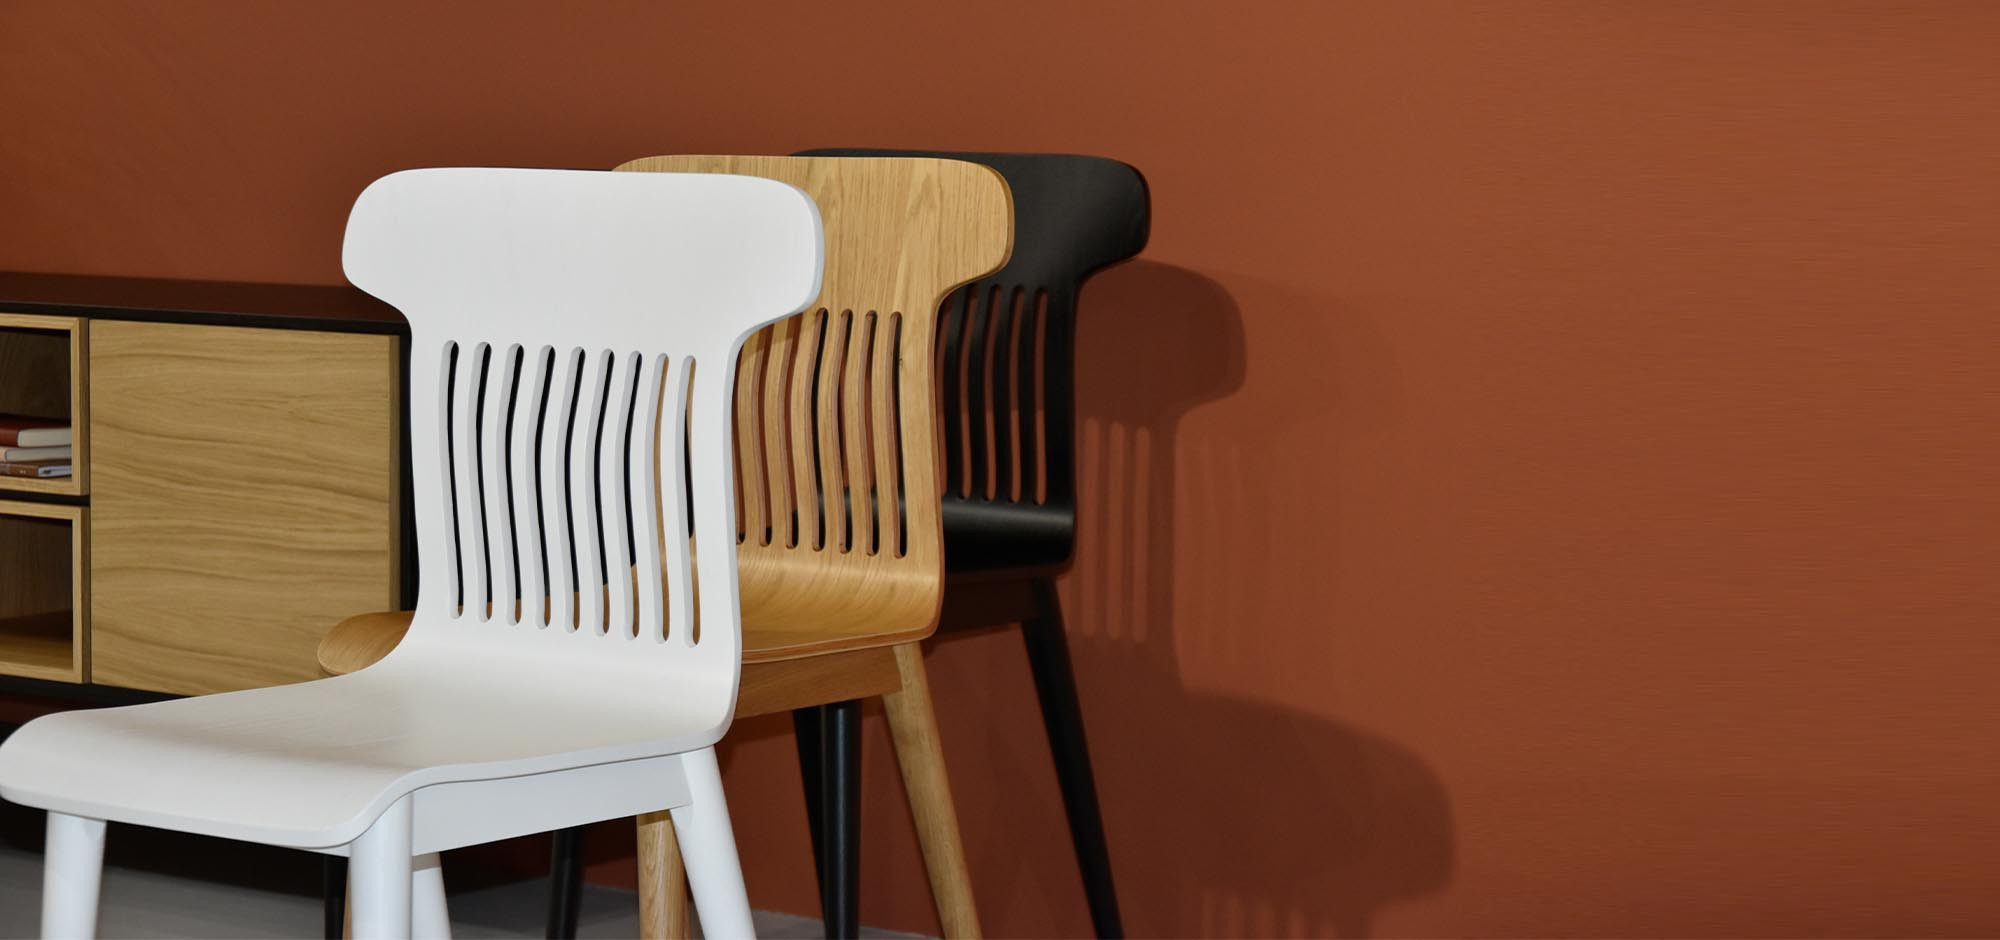 6-nowoczesne-krzesla-drewniane-designers